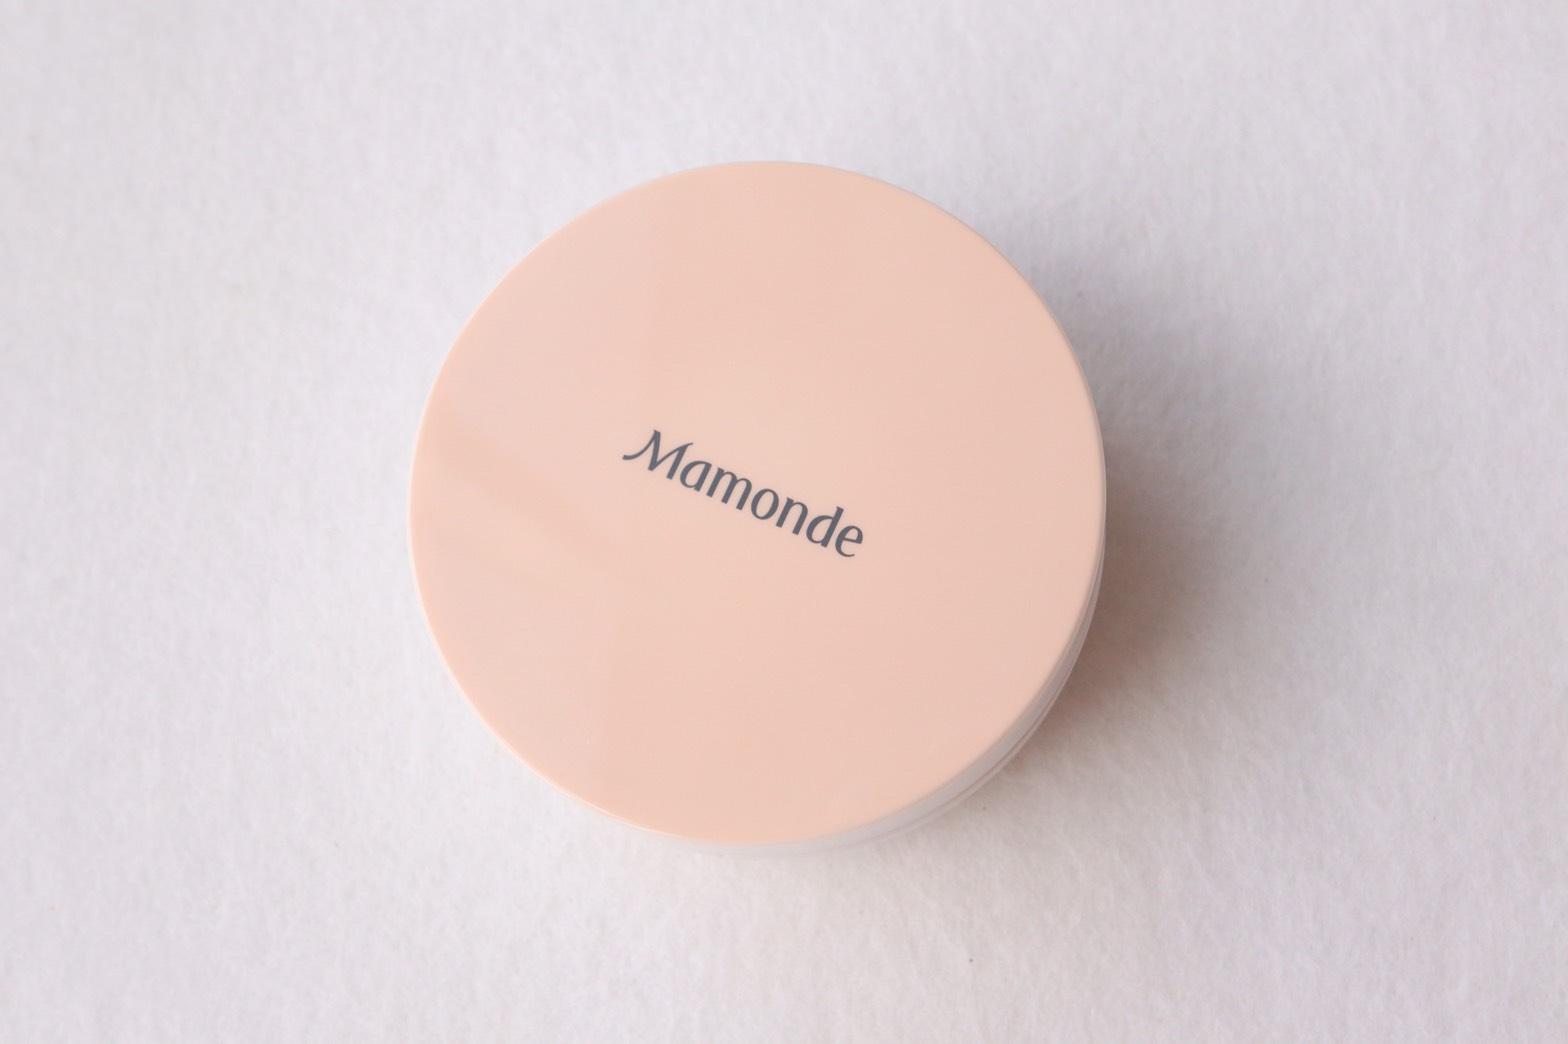 Mamonde ハイカバークッションパーフェクトリキッド